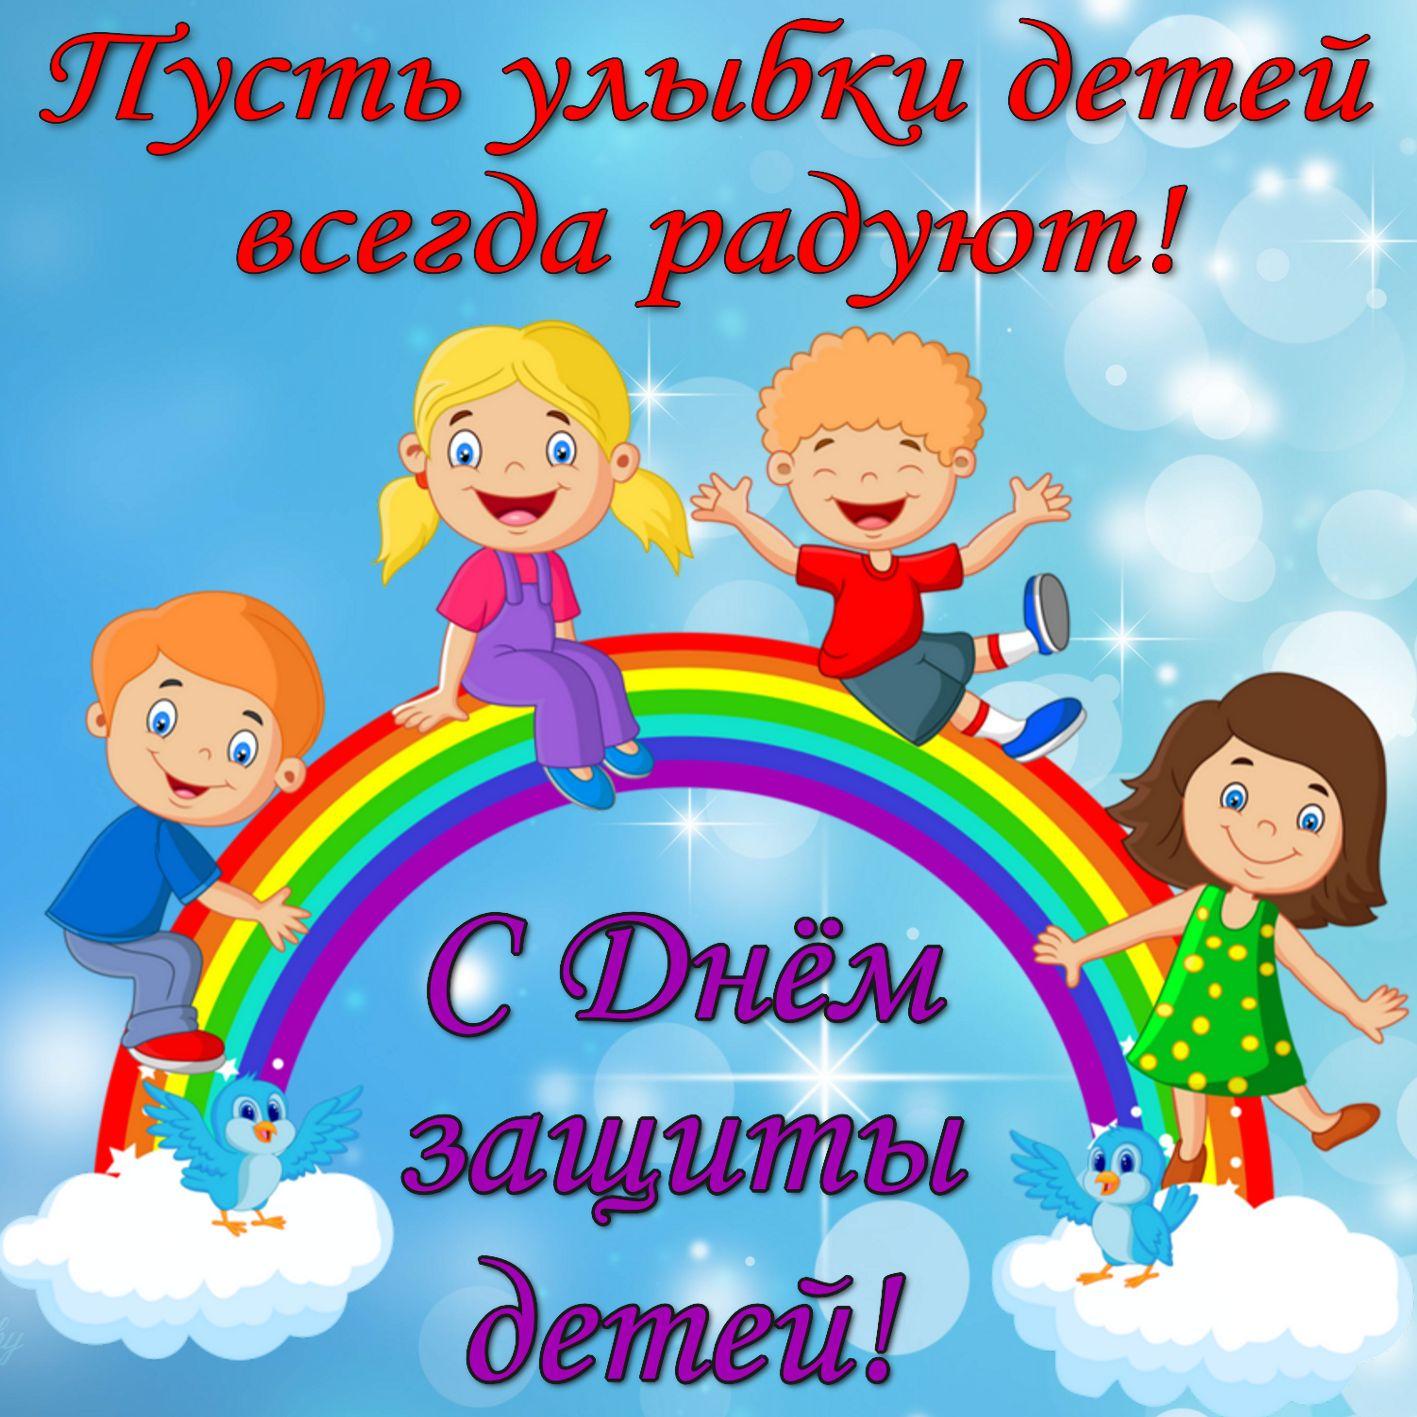 День Защиты Детей. 1 июня. Красивые открытки и картинки